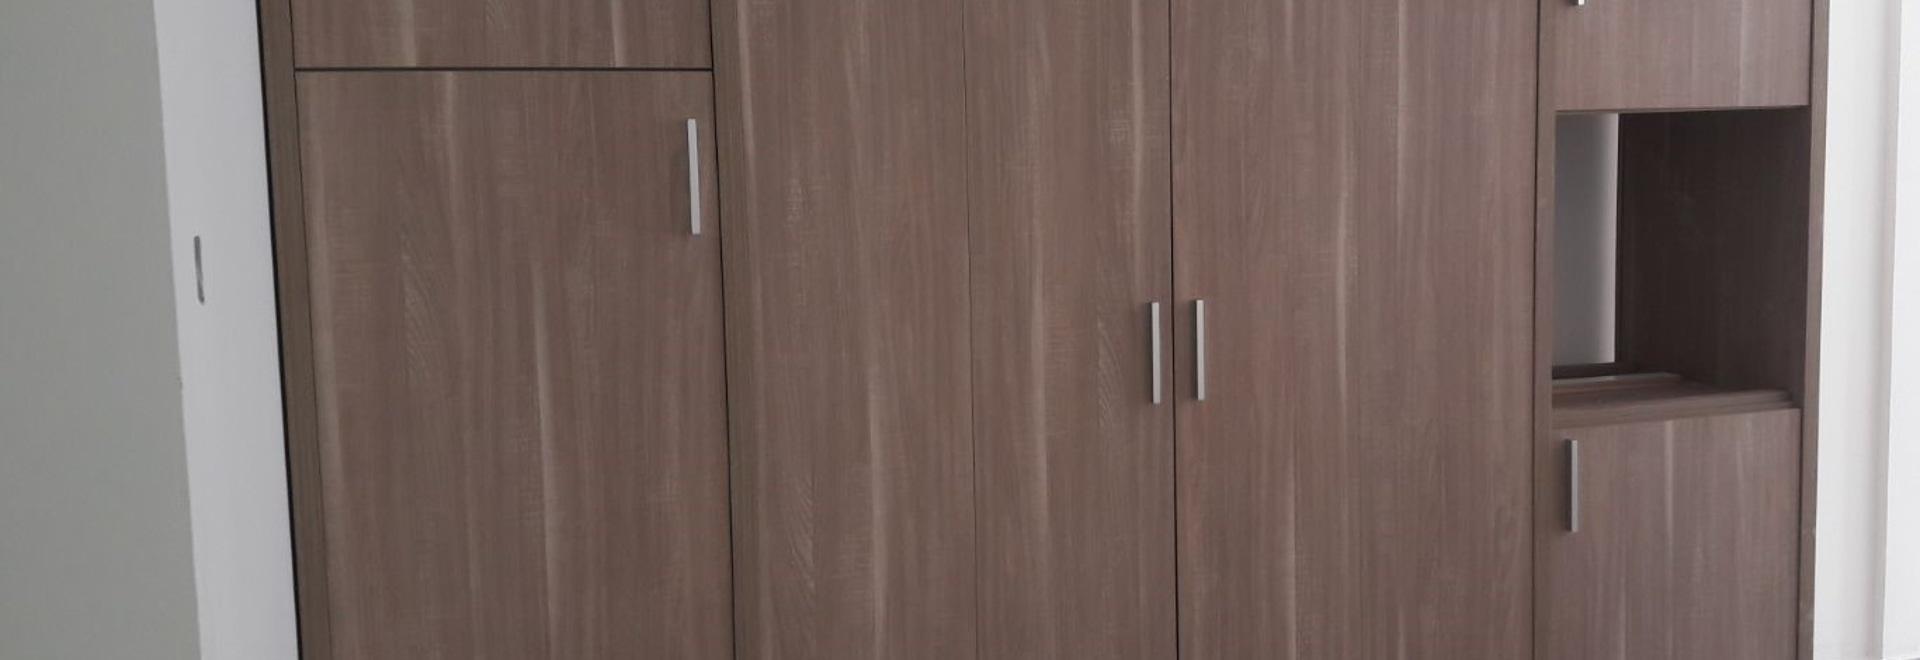 Installato 105 mini cucine alla costruzione di residenza di Shamal nel Dubai